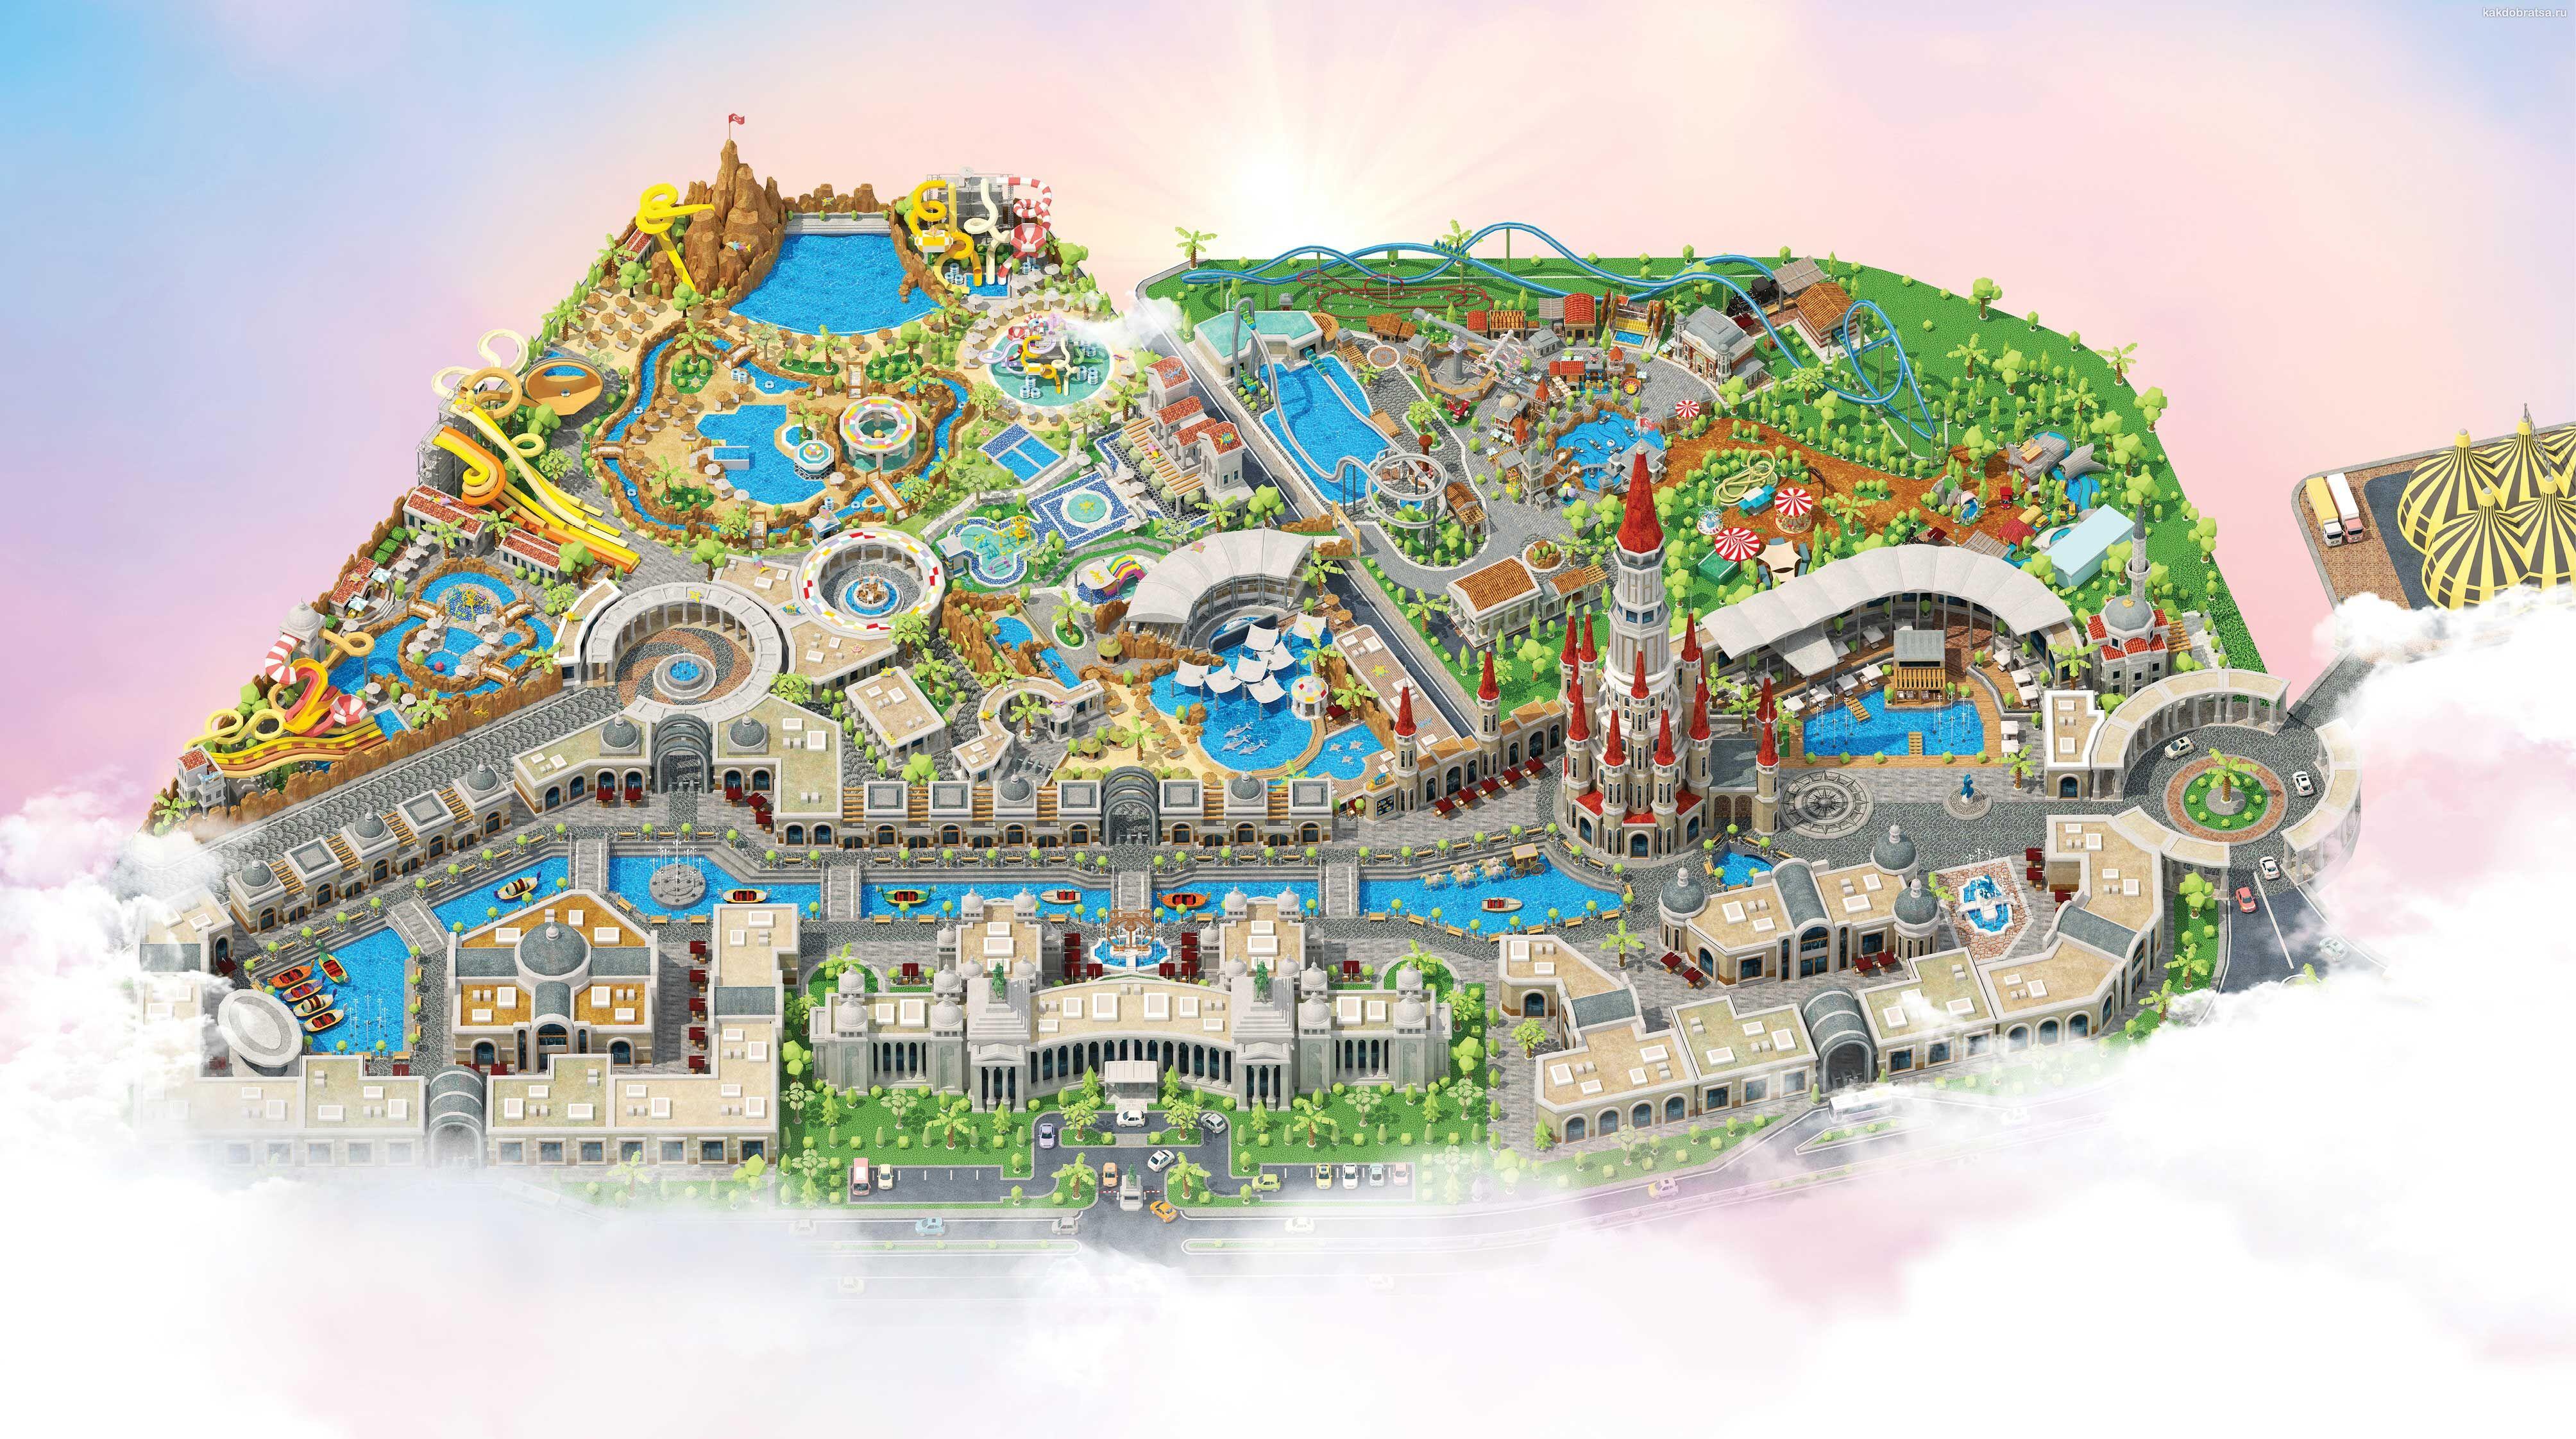 Land of Legends в Турции карта схема парка развлечений